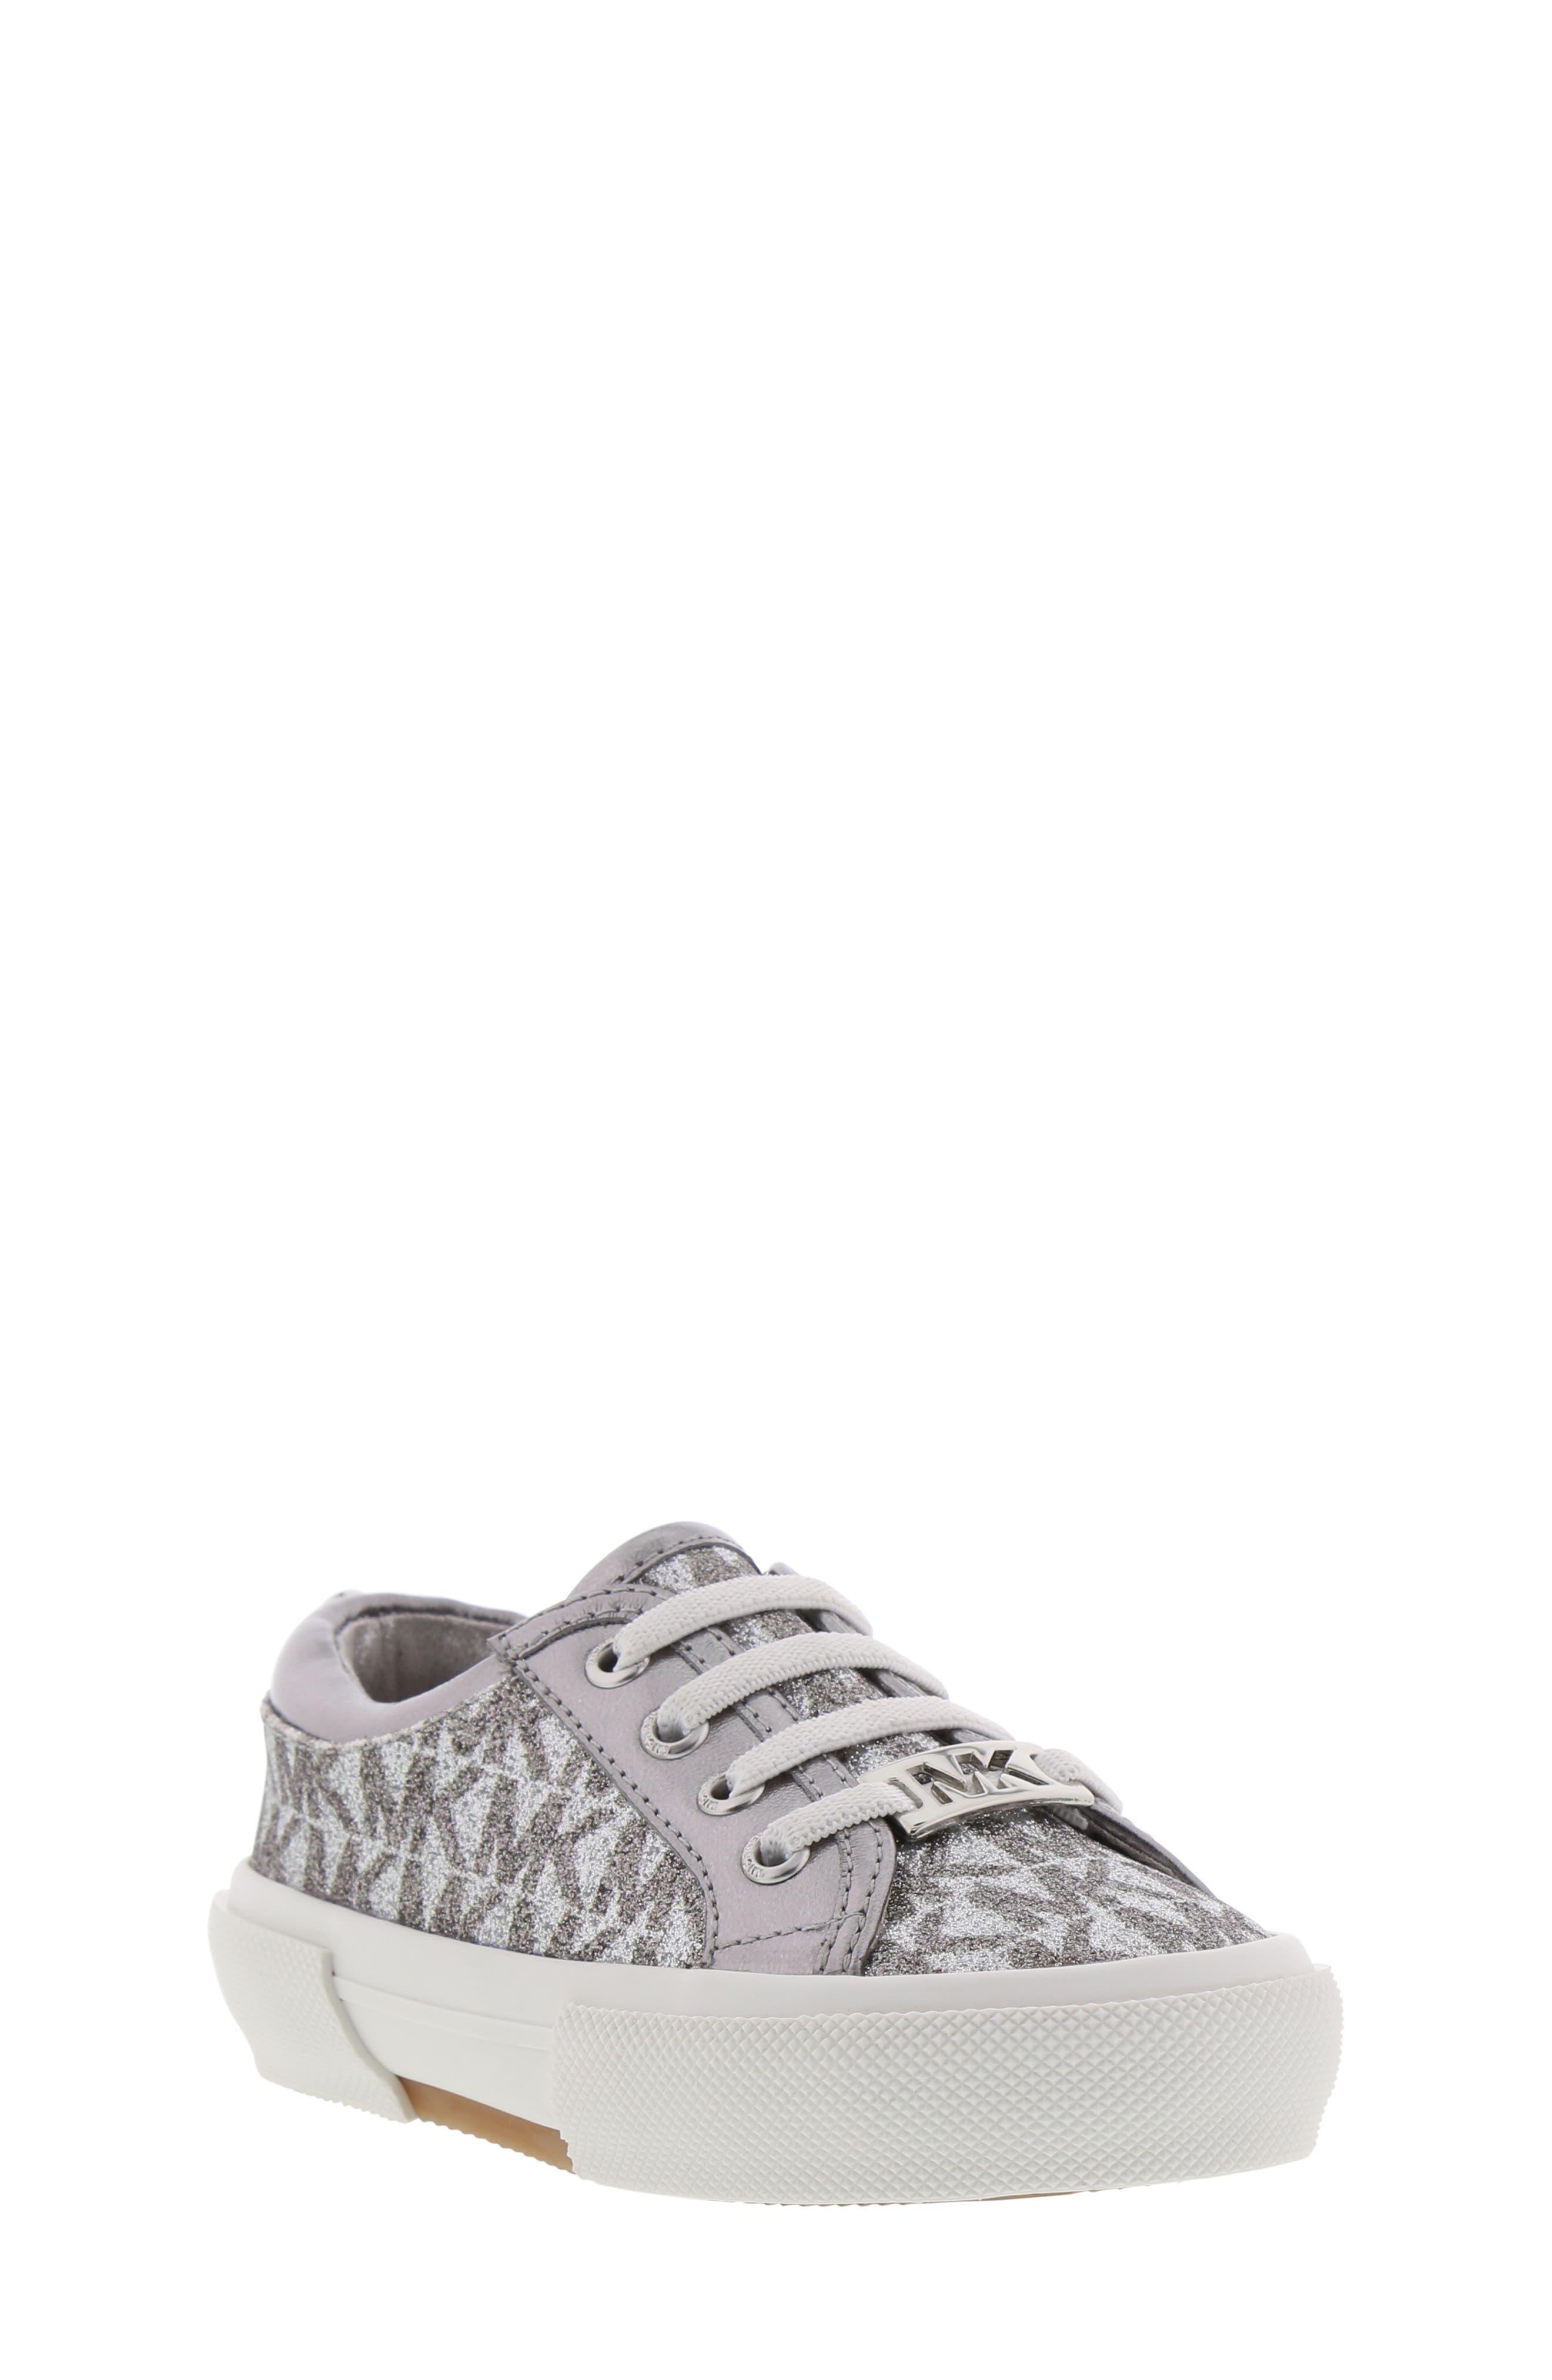 MICHAEL MICHAEL KORS Ima Tinsel Sneaker, Main, color, GUNMETAL